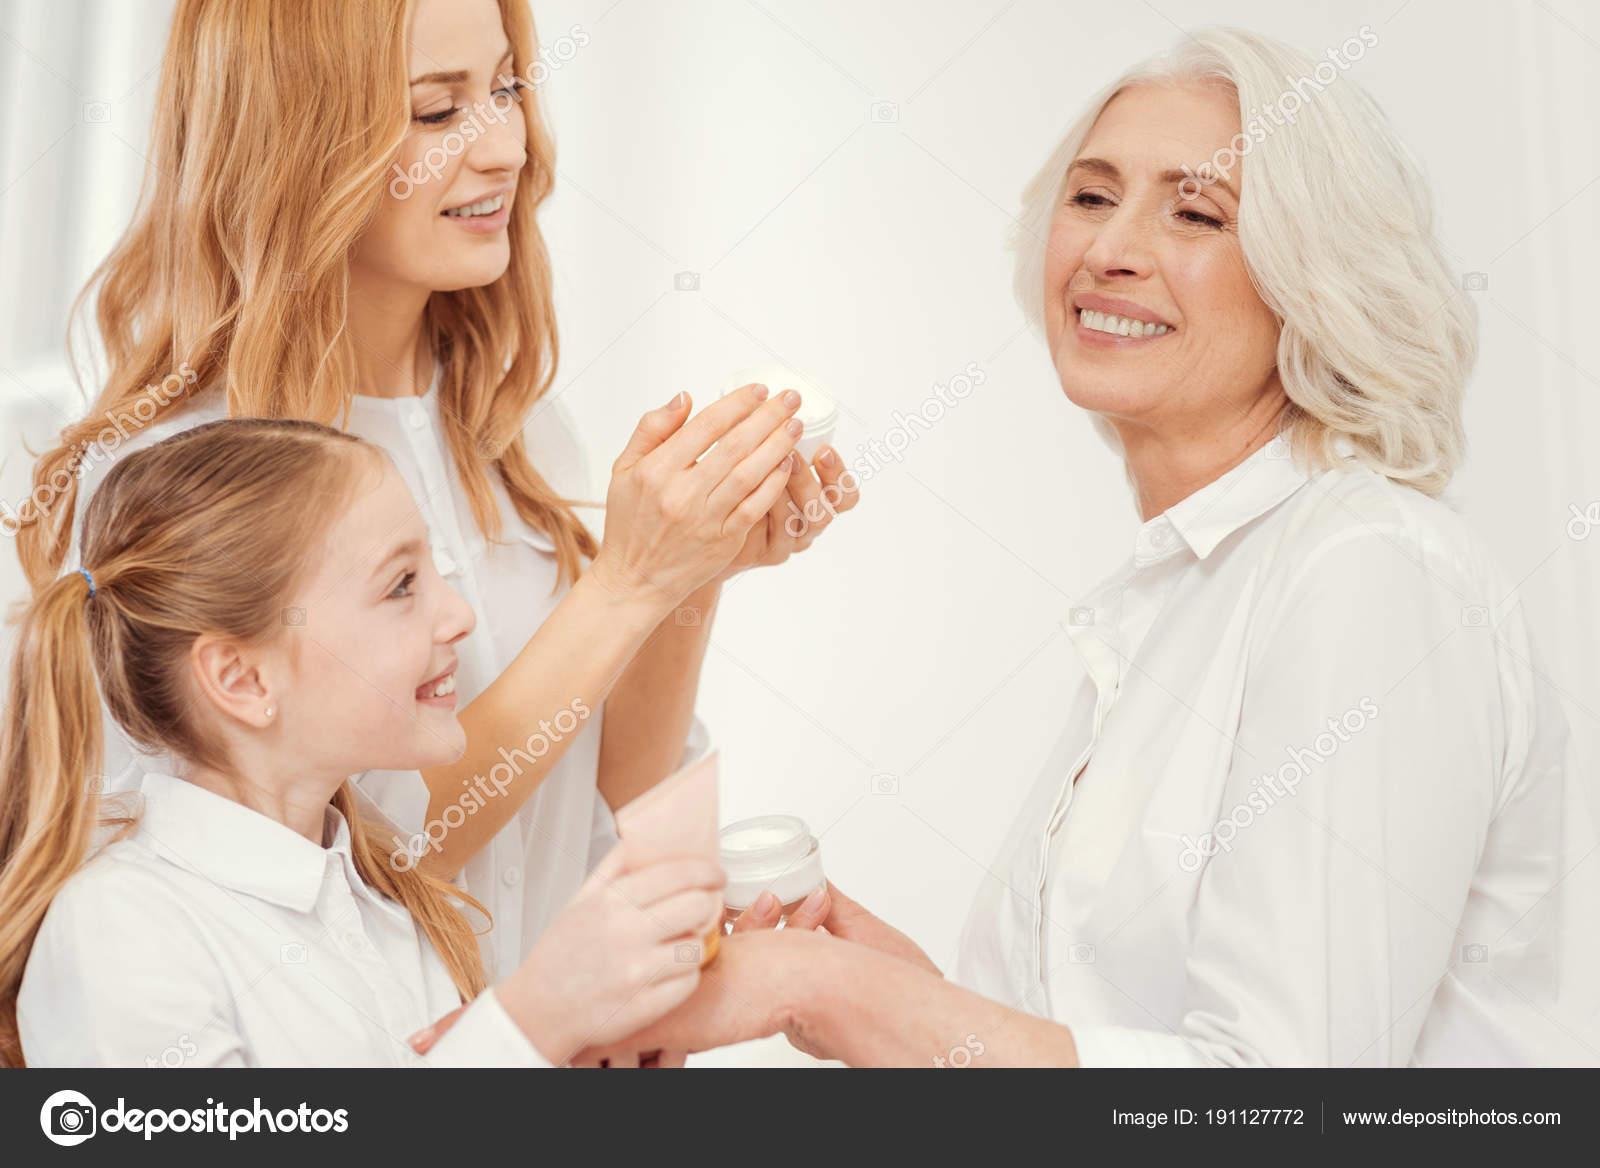 Imágenes Tiernas De Madre E Hija En Caricatura Tierna Madre E